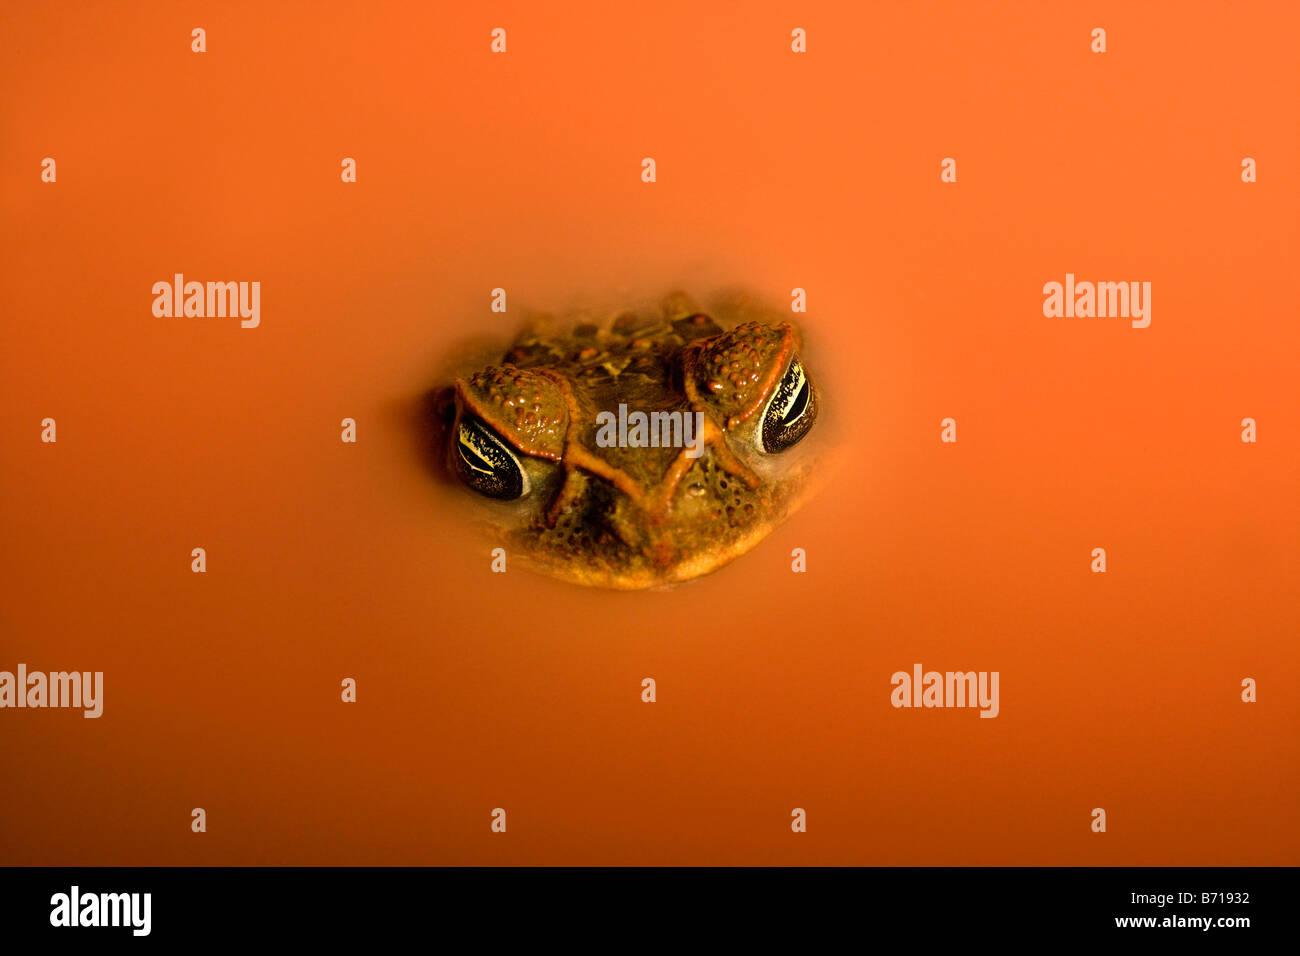 Il Suriname, Brownsweg, Brownsberg Parco Nazionale. La canna da zucchero Toad (Bufo Marinus). In laterite piscina. Immagini Stock